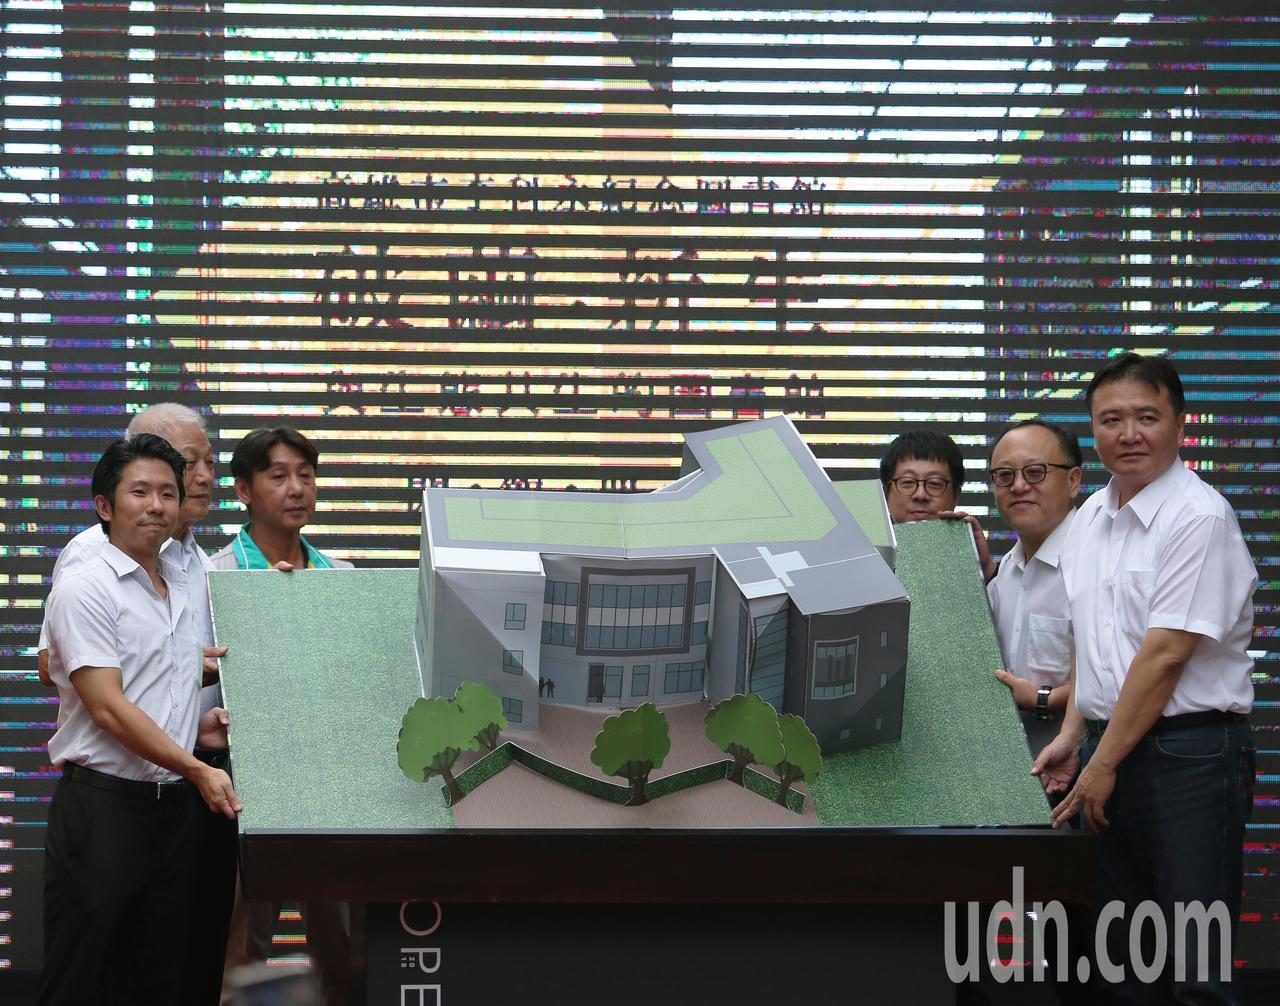 興建期間爭議不斷的李科永紀念圖書館今天舉行落成儀式。記者劉學聖/攝影